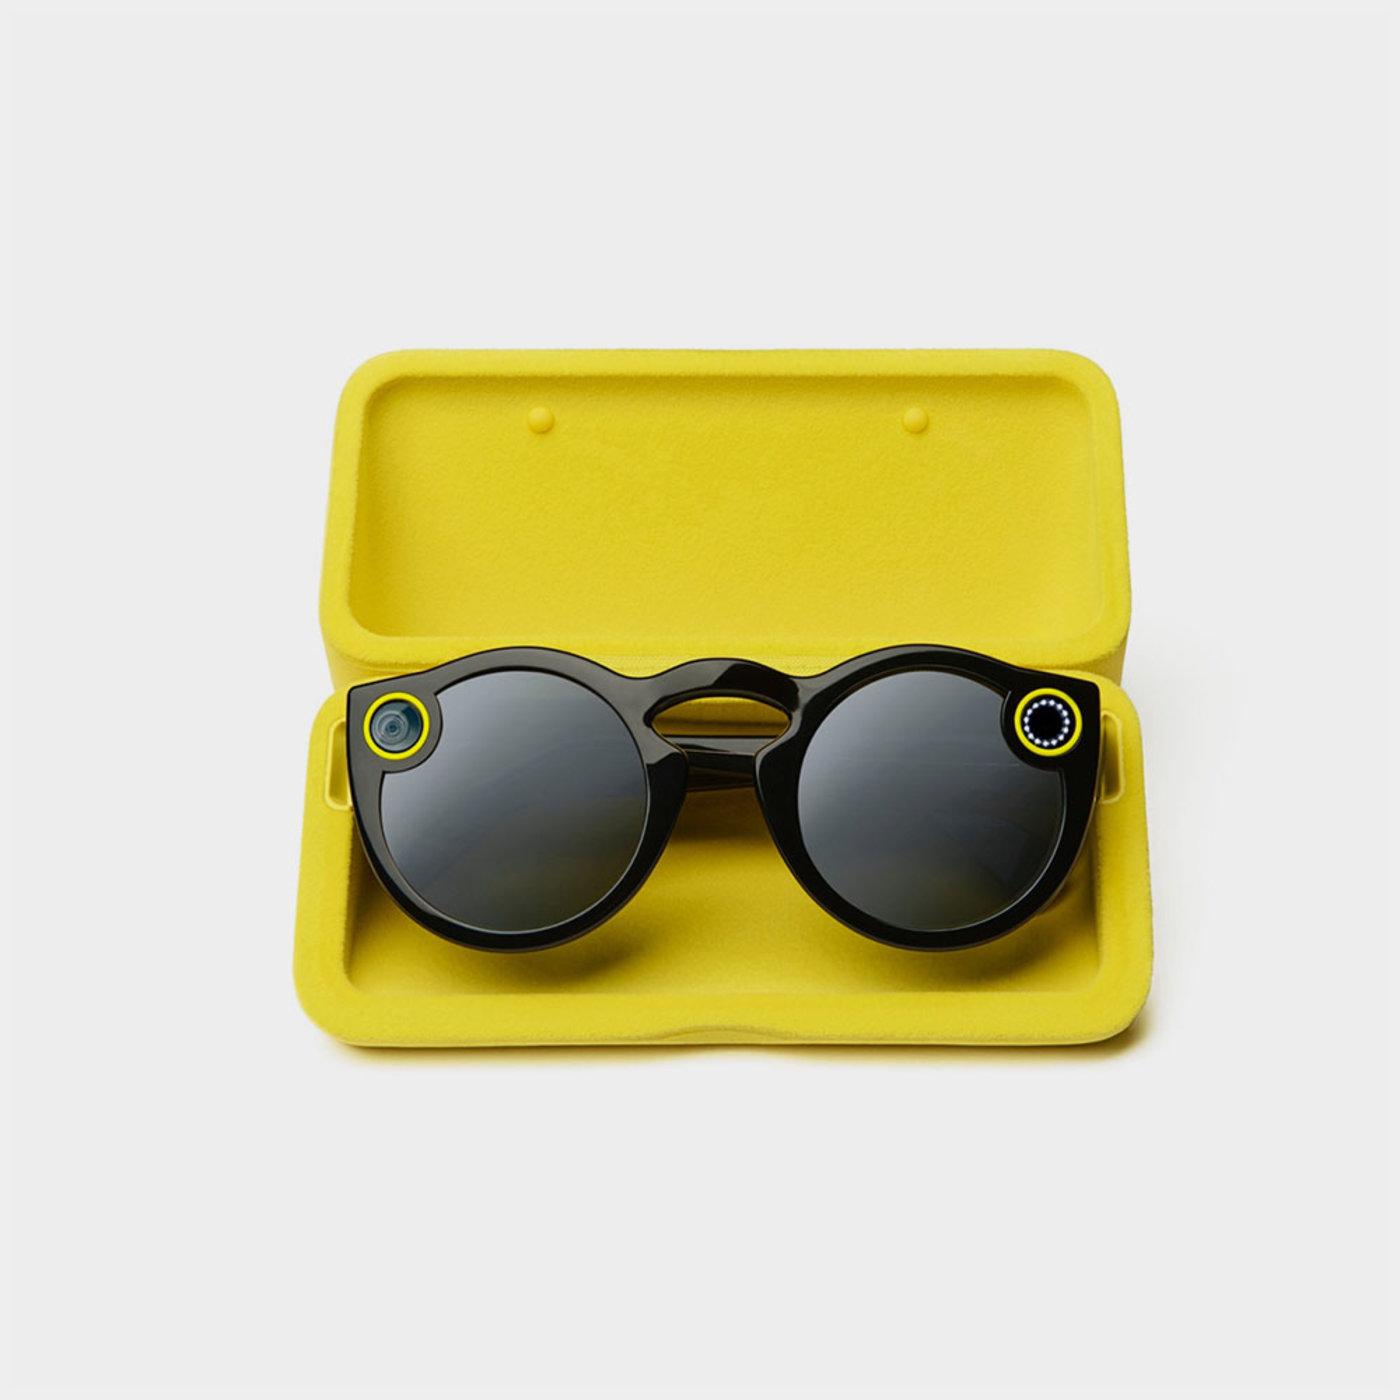 Snap第一代眼镜